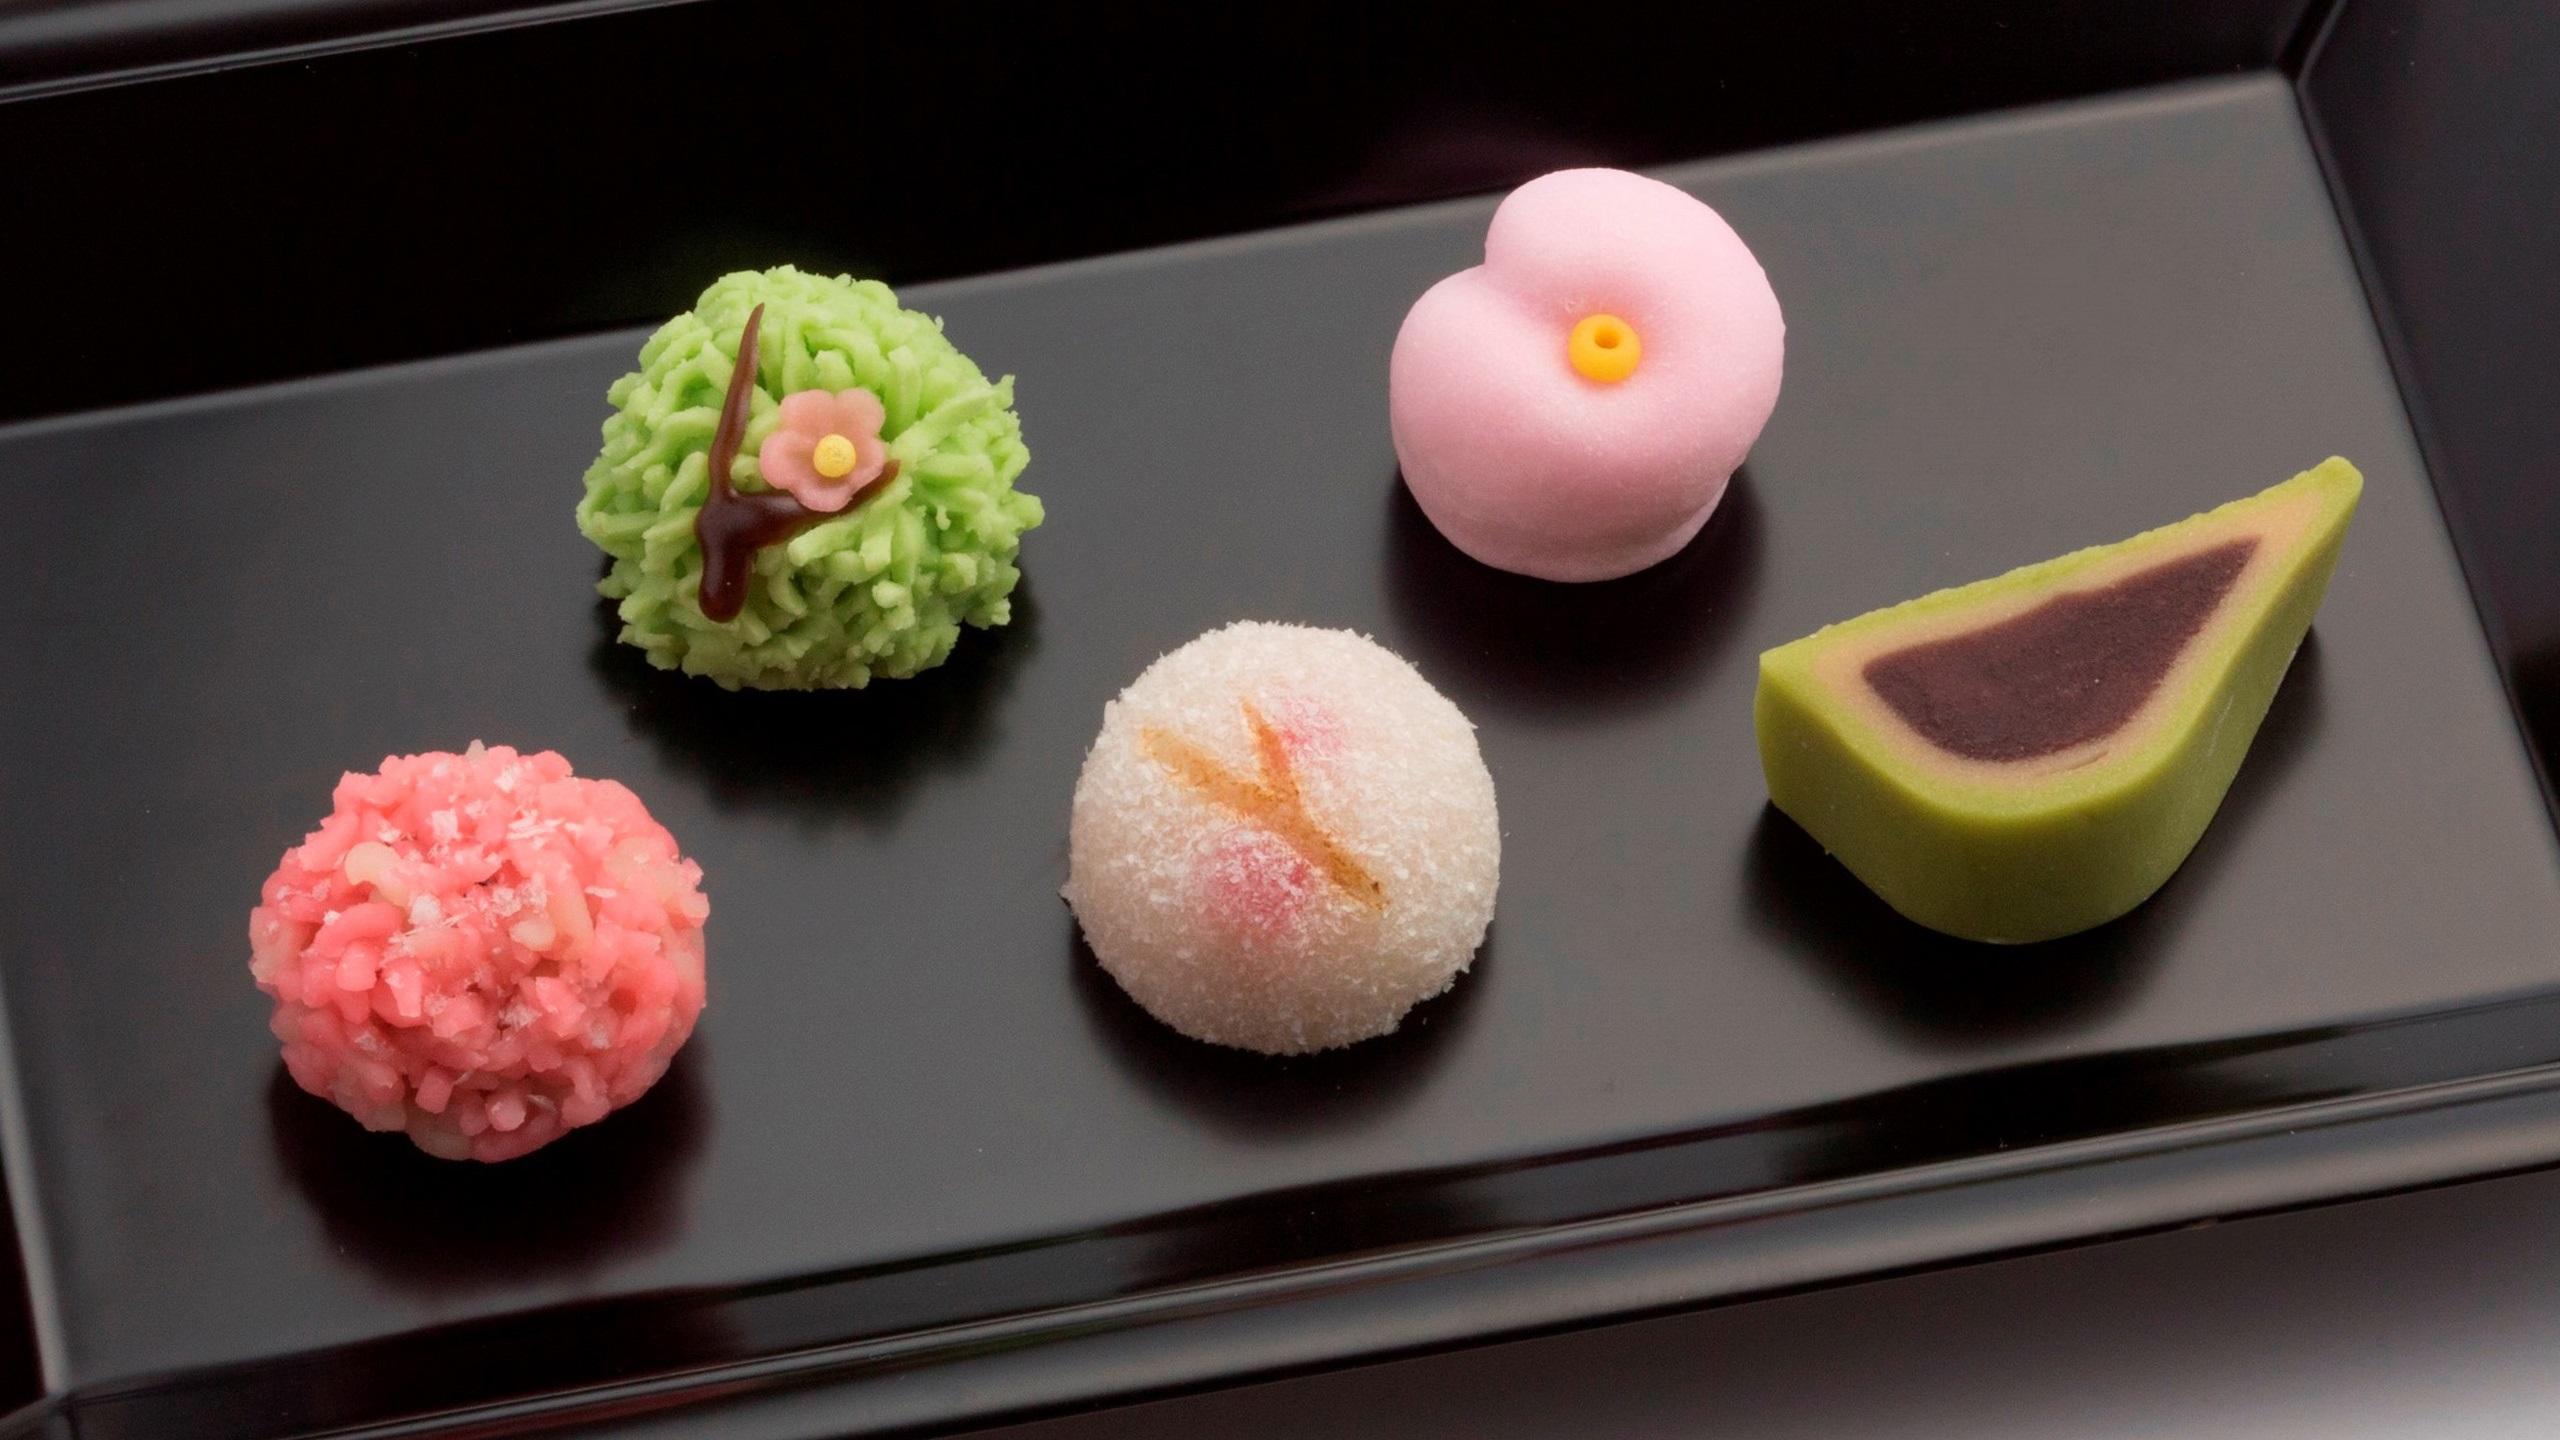 日本甜品大全_甜点,美味,日本点心 壁纸